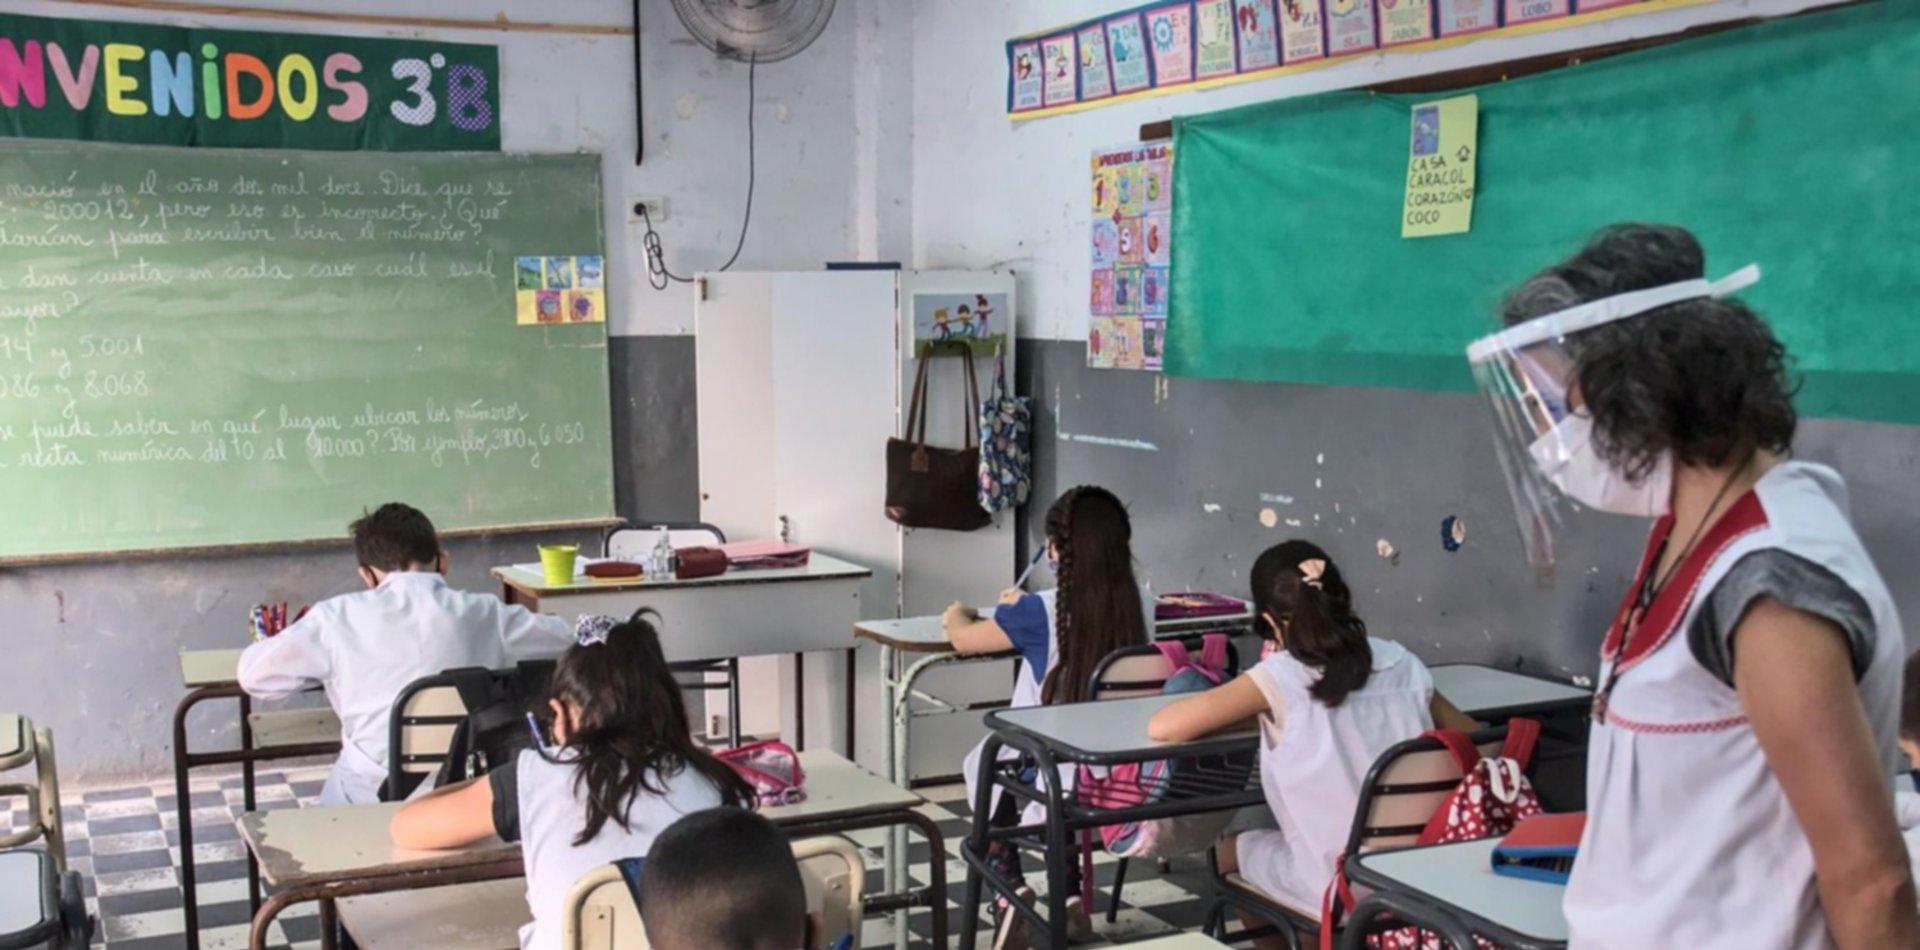 Fecha, medidores de dióxido de carbono y testeos: cómo sería la vuelta a clase en La Plata